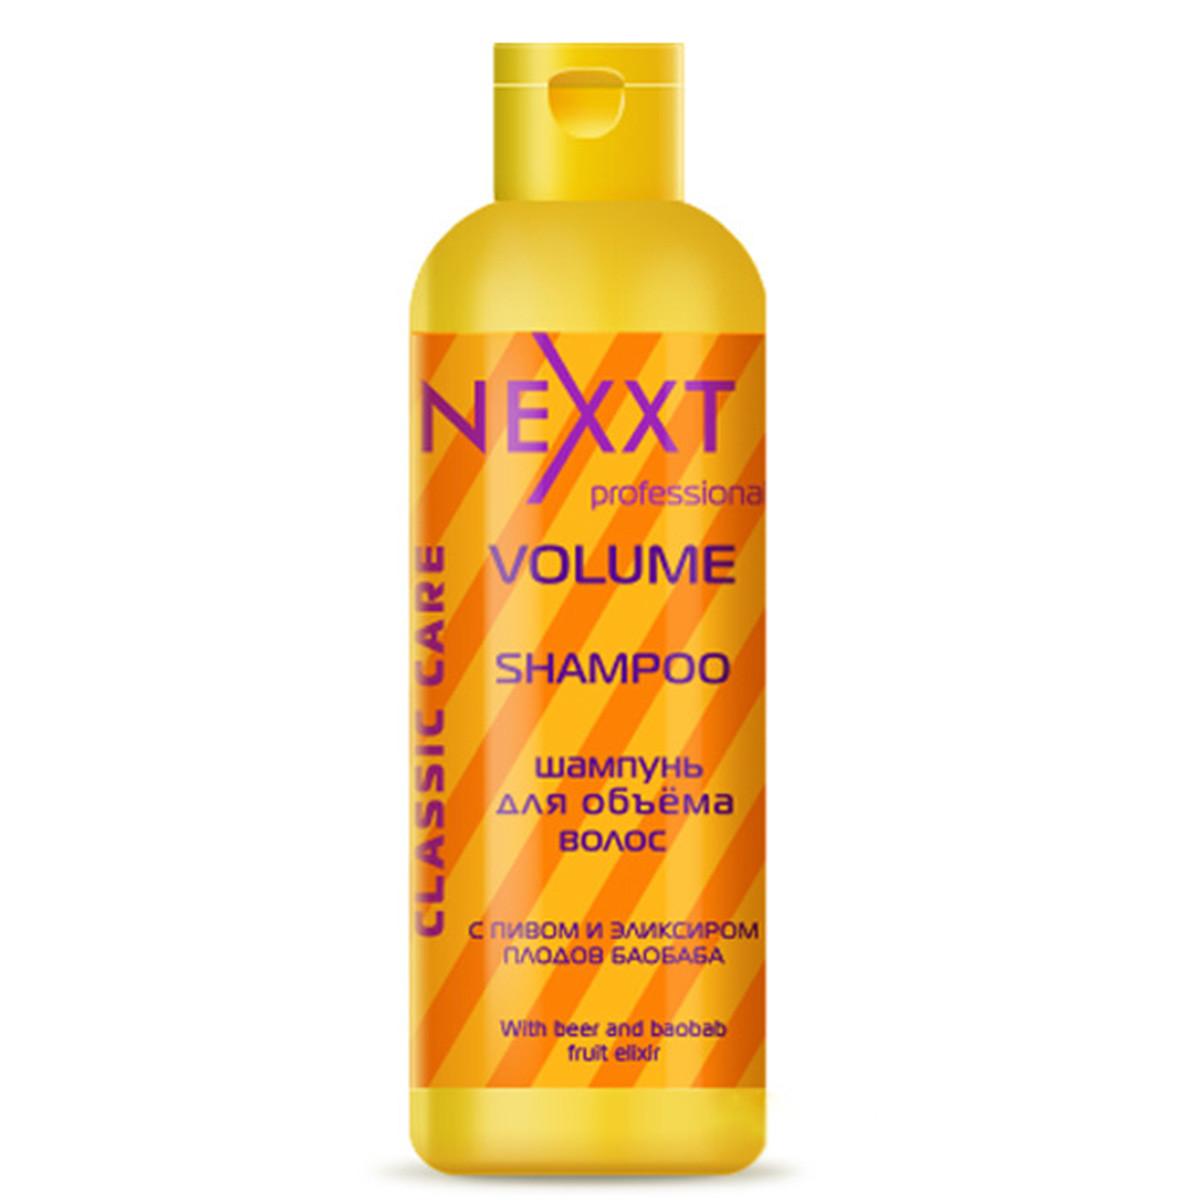 Шампунь Nexxt Professional для объема волос 250 мл